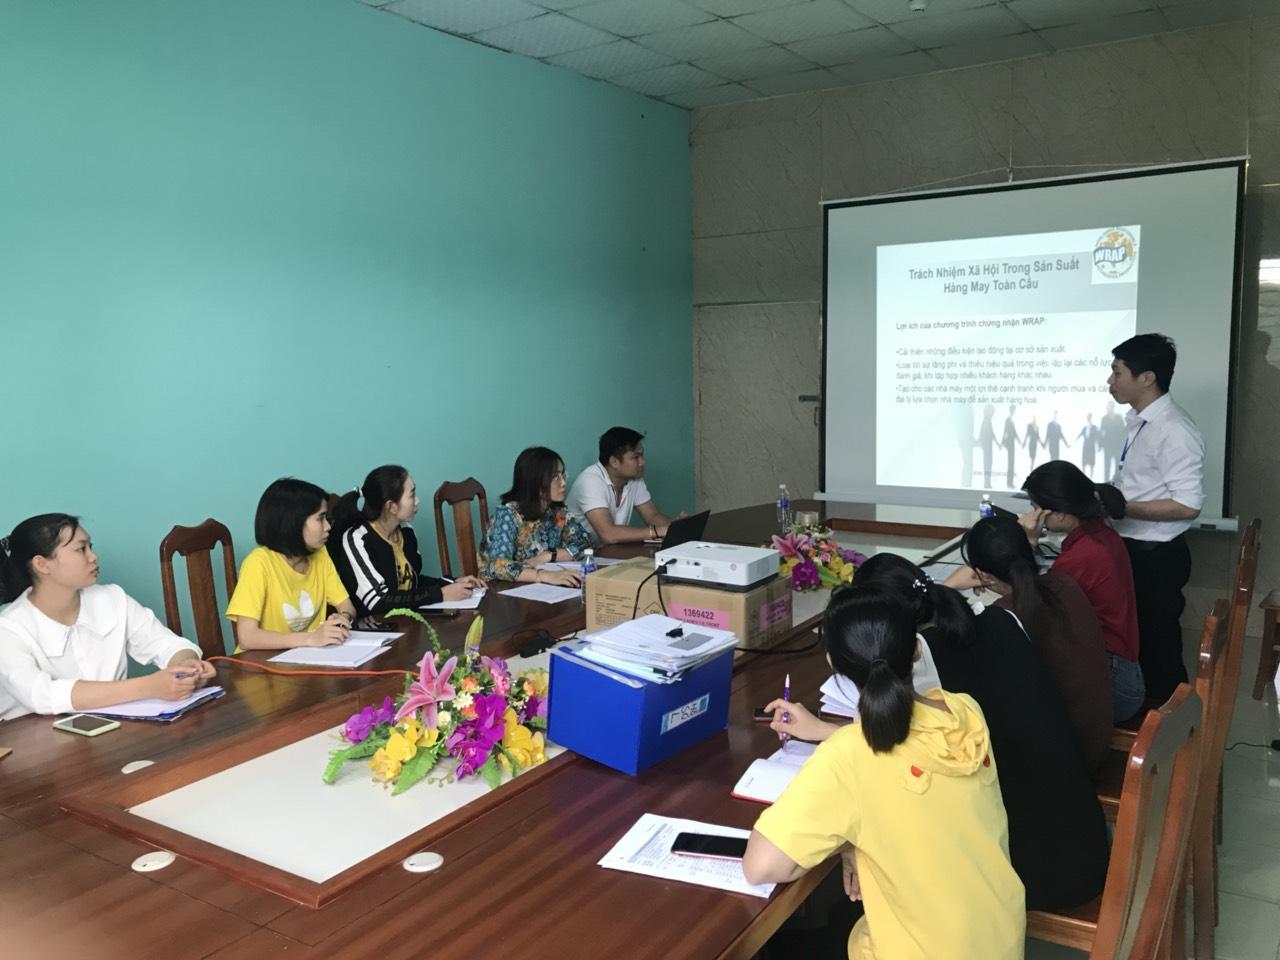 Đào tạo ISO 9001 và WRAP cho Công ty TNHH Thương mại May Thăng Long